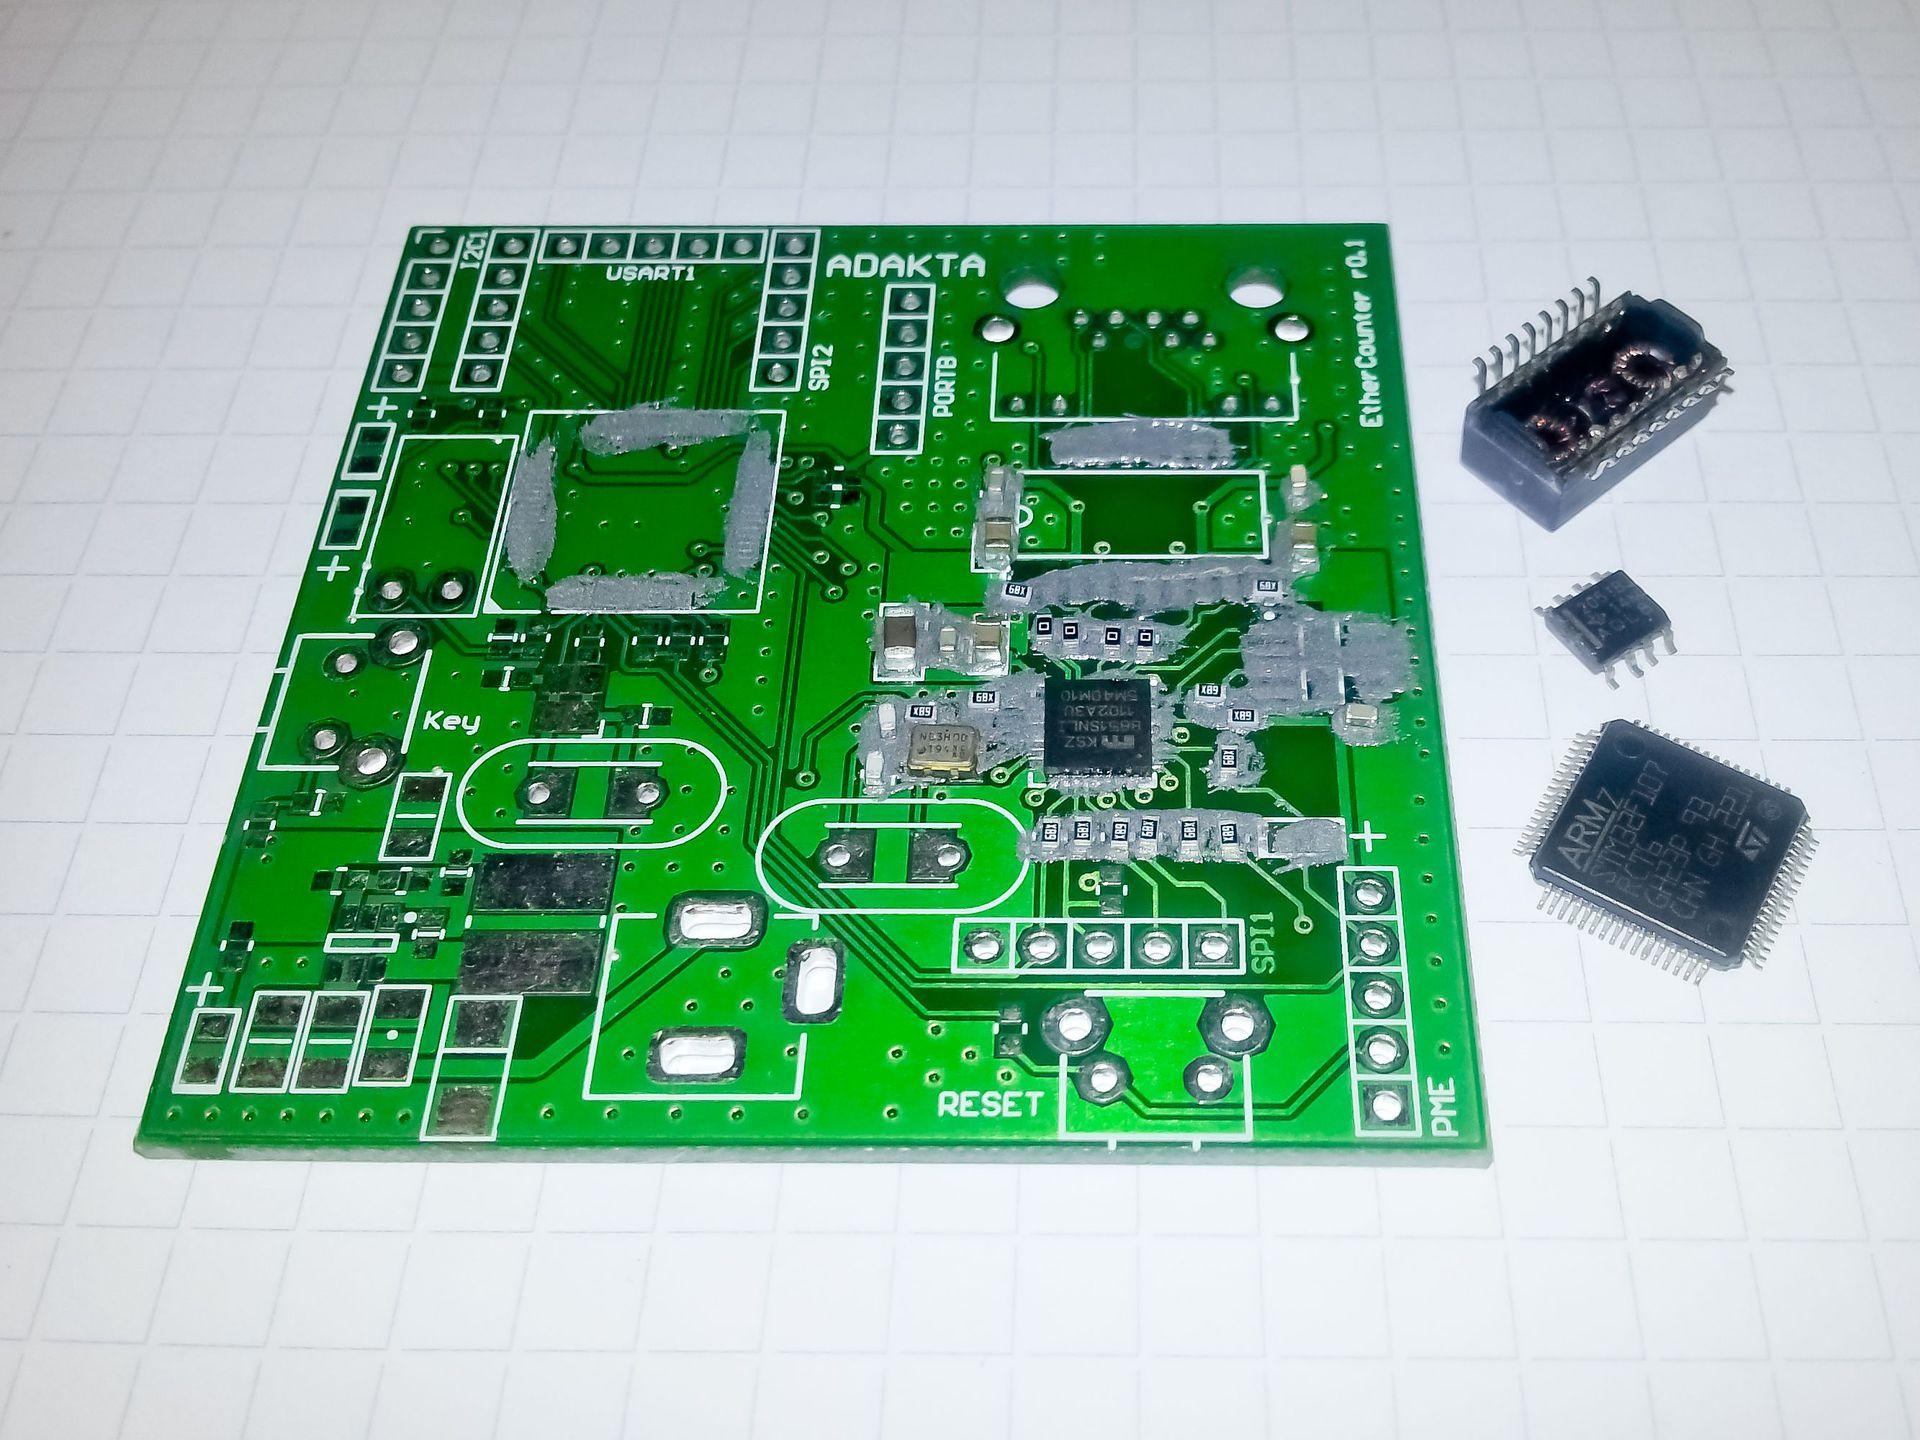 Ручной монтаж сложных плат на компонентах 0402, 0603, QFN, LQFP и THT - 12